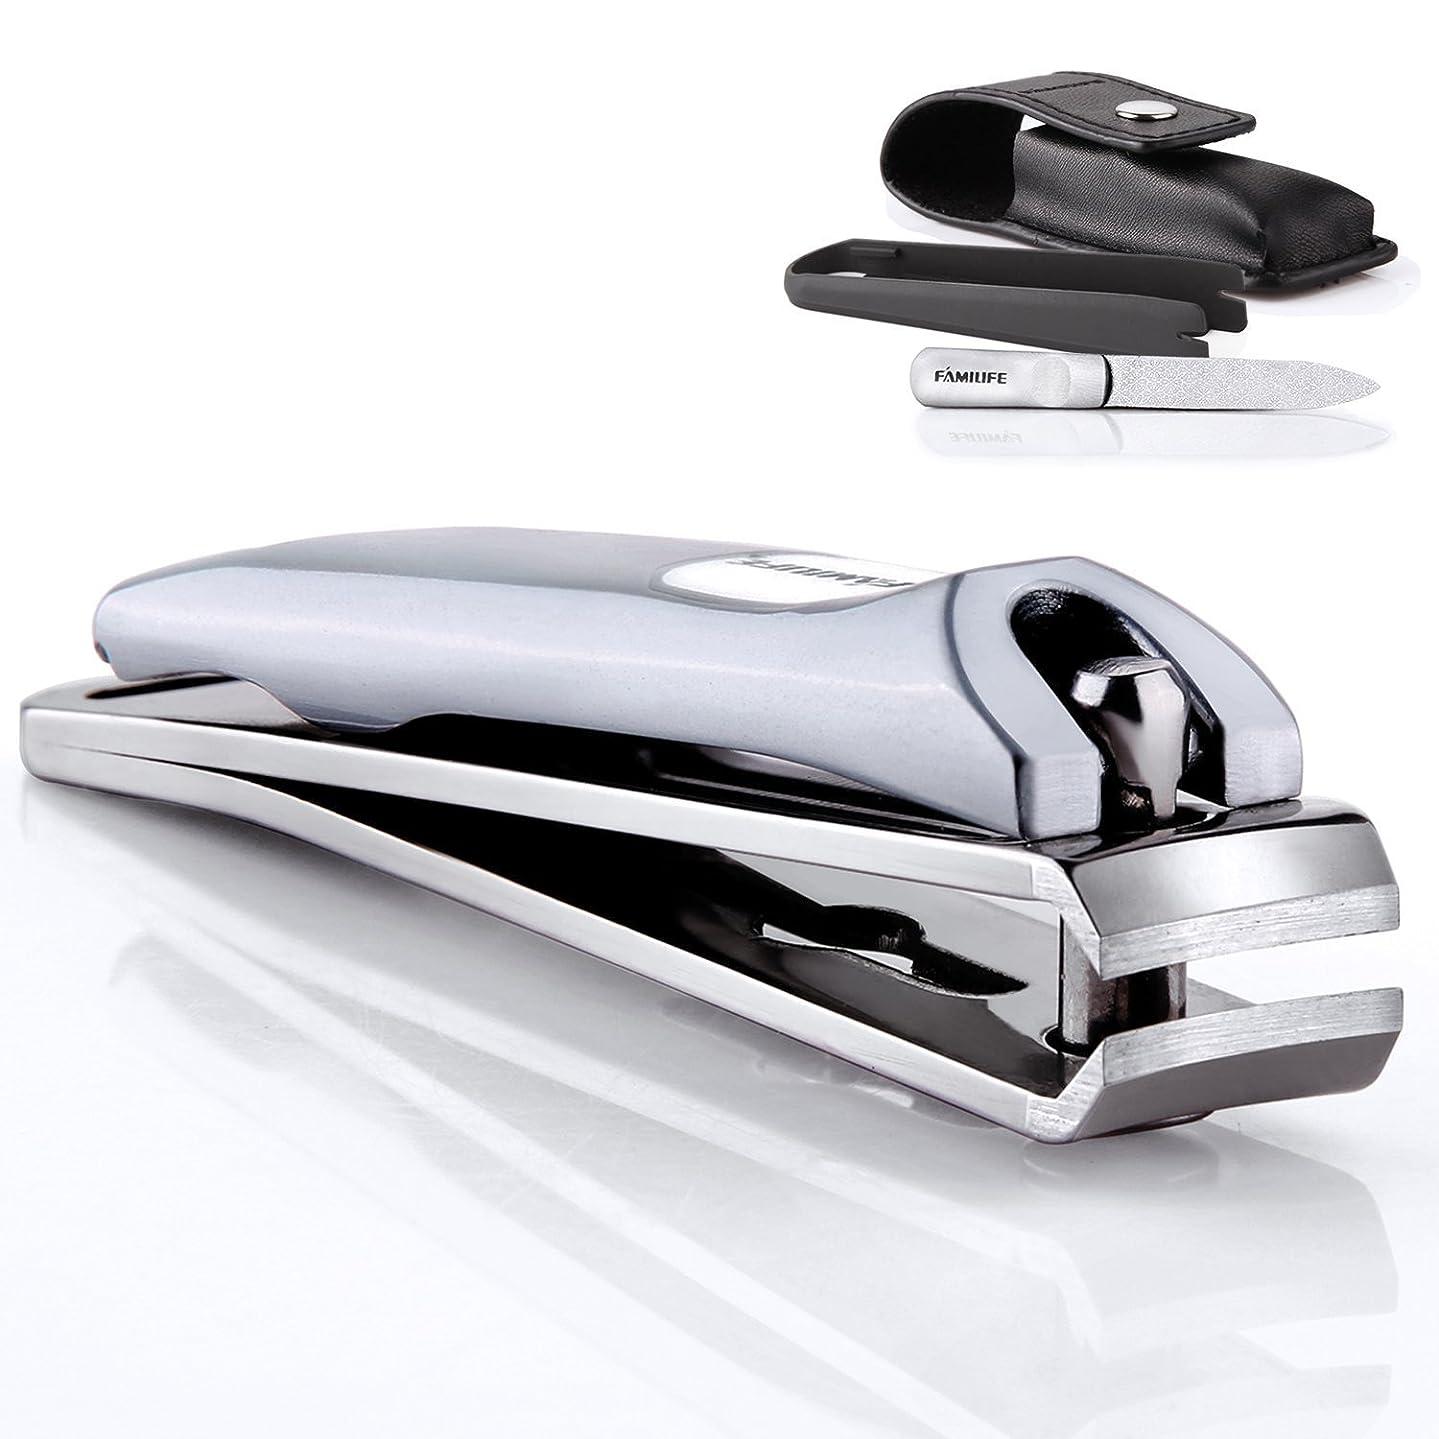 手書きプライムキネマティクスFAMILIFE 爪切り 爪やすり ステンレス製高級 握りやすい飛びにくい レザーポーチ付き